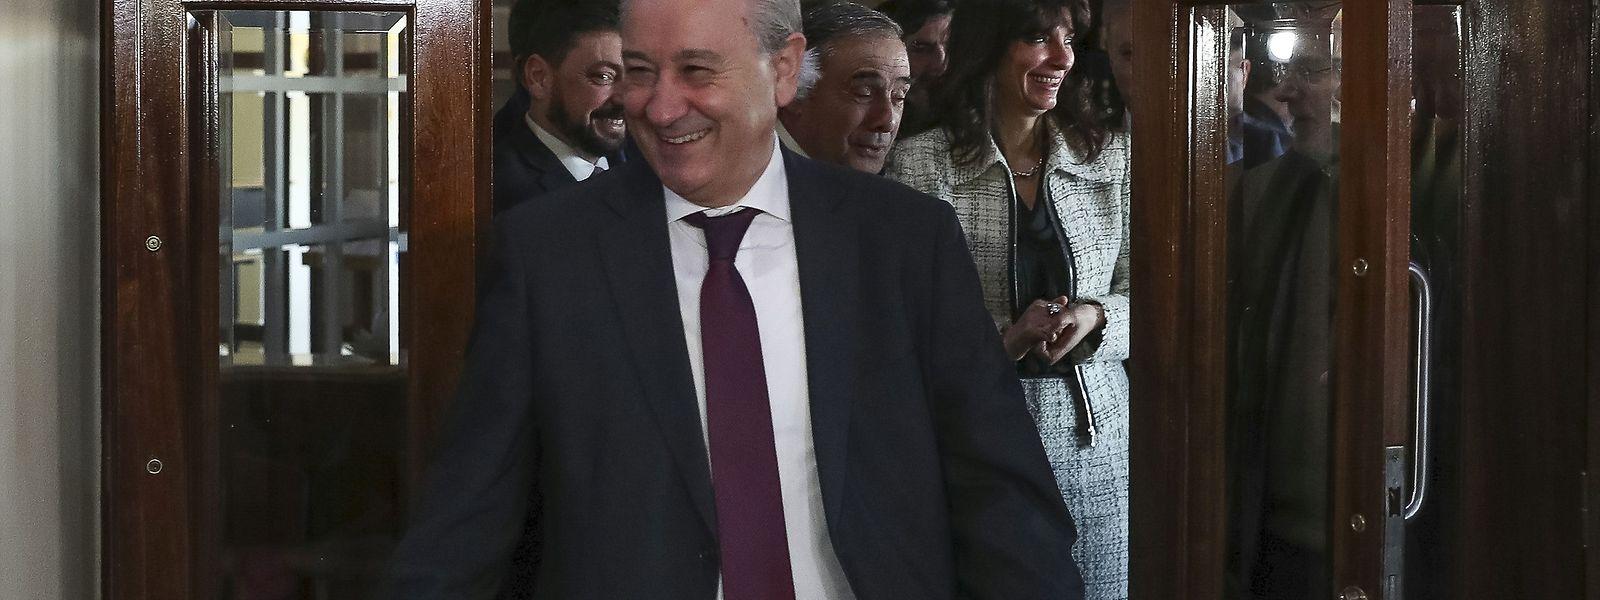 O presidente do PSD, Rui Rio à chegada para a reunião do Conselho Estratégico Nacional do PSD, numa unidade hoteleira em Coimbra, 12 de janeiro de 2019. PAULO NOVAIS/LUSA